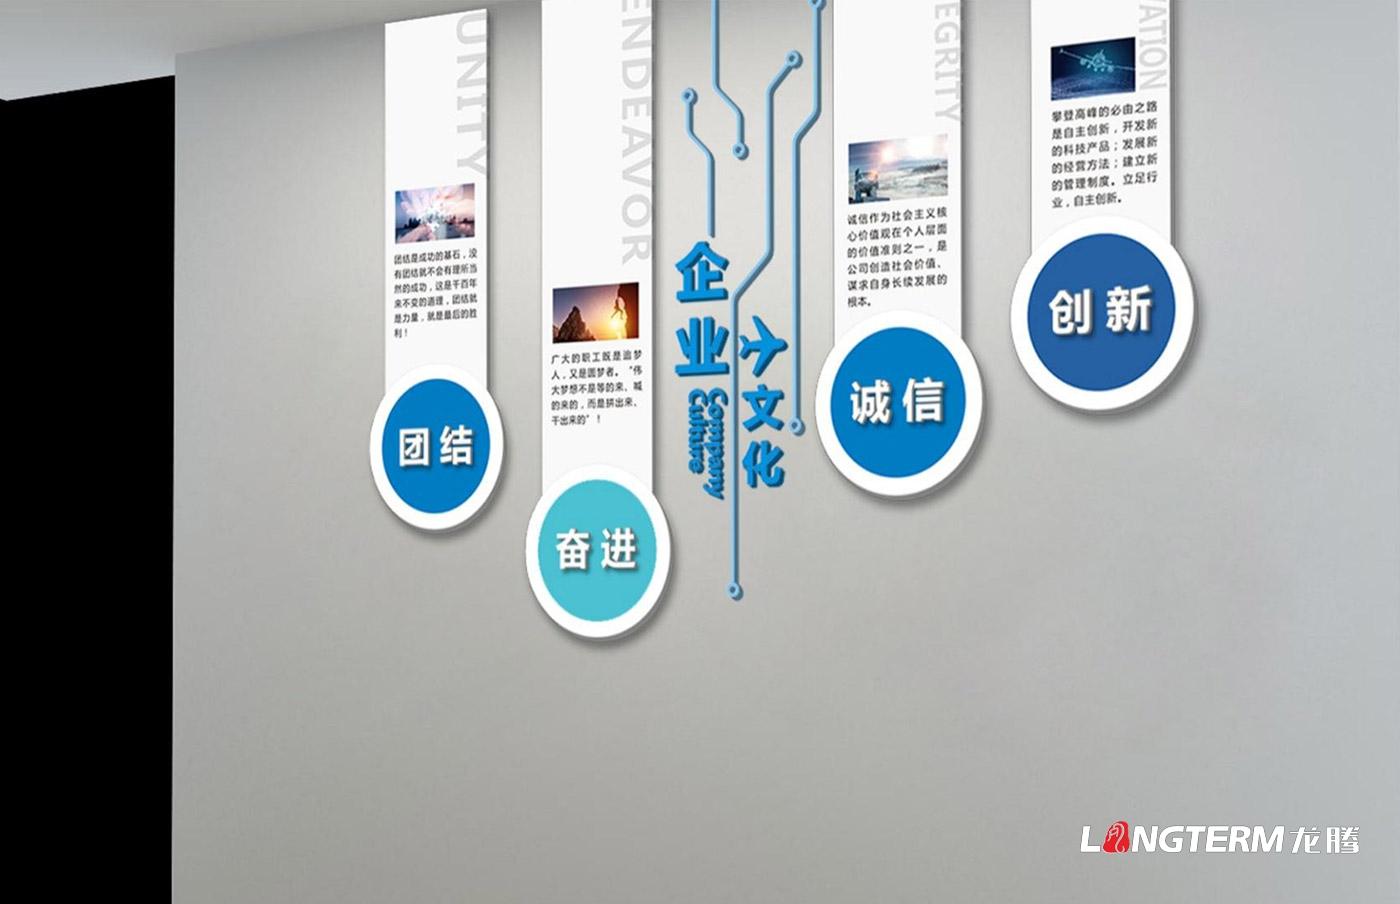 成都民航空管科技发展公司文化墙亿博国际app下载、制作及安装